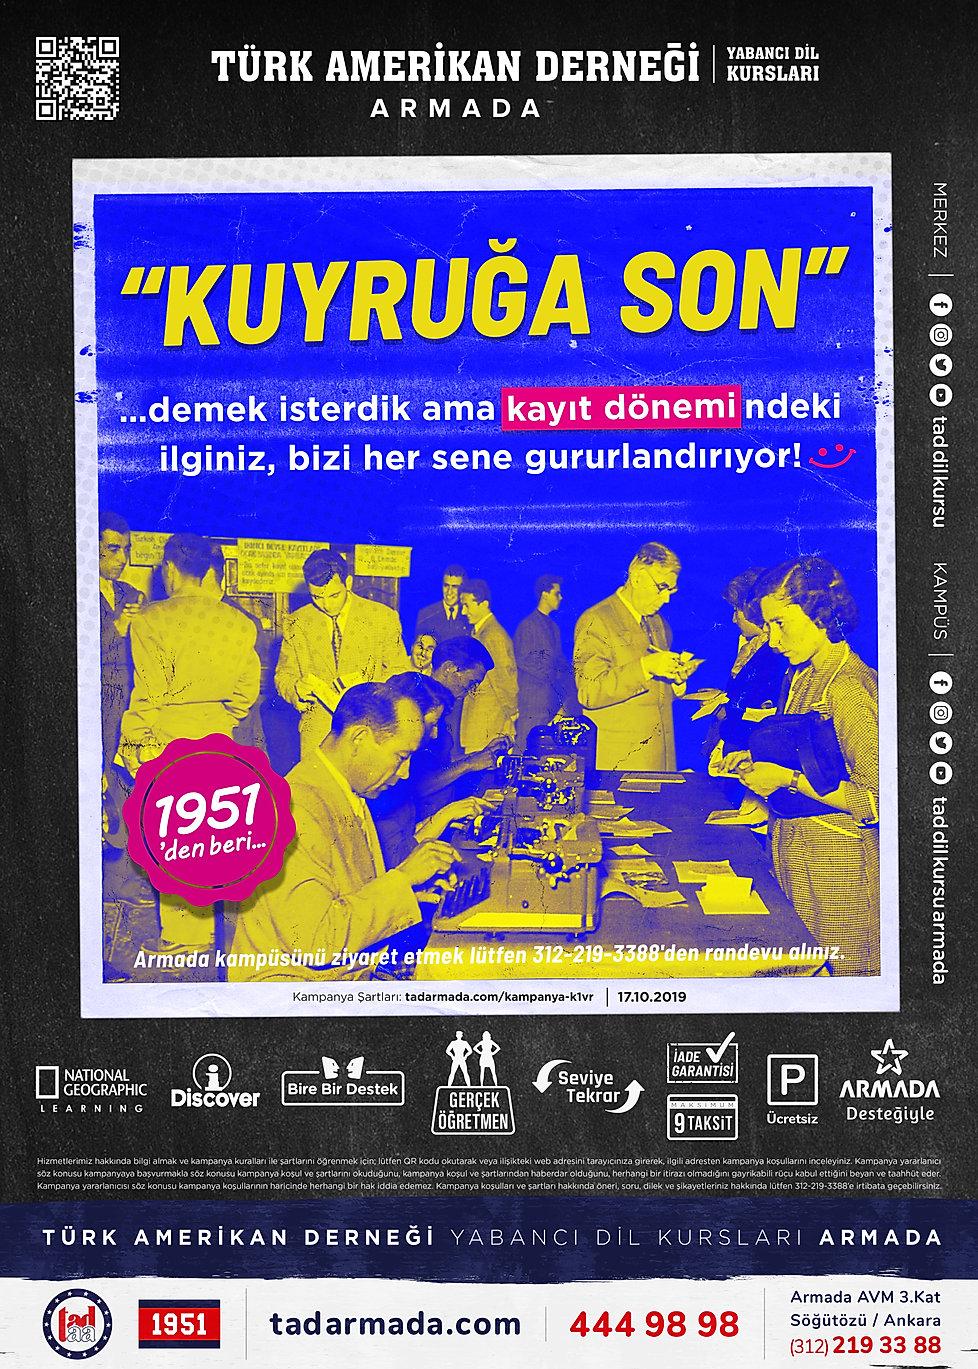 TAD YDK - Final Konsept - Kuyruga Son -